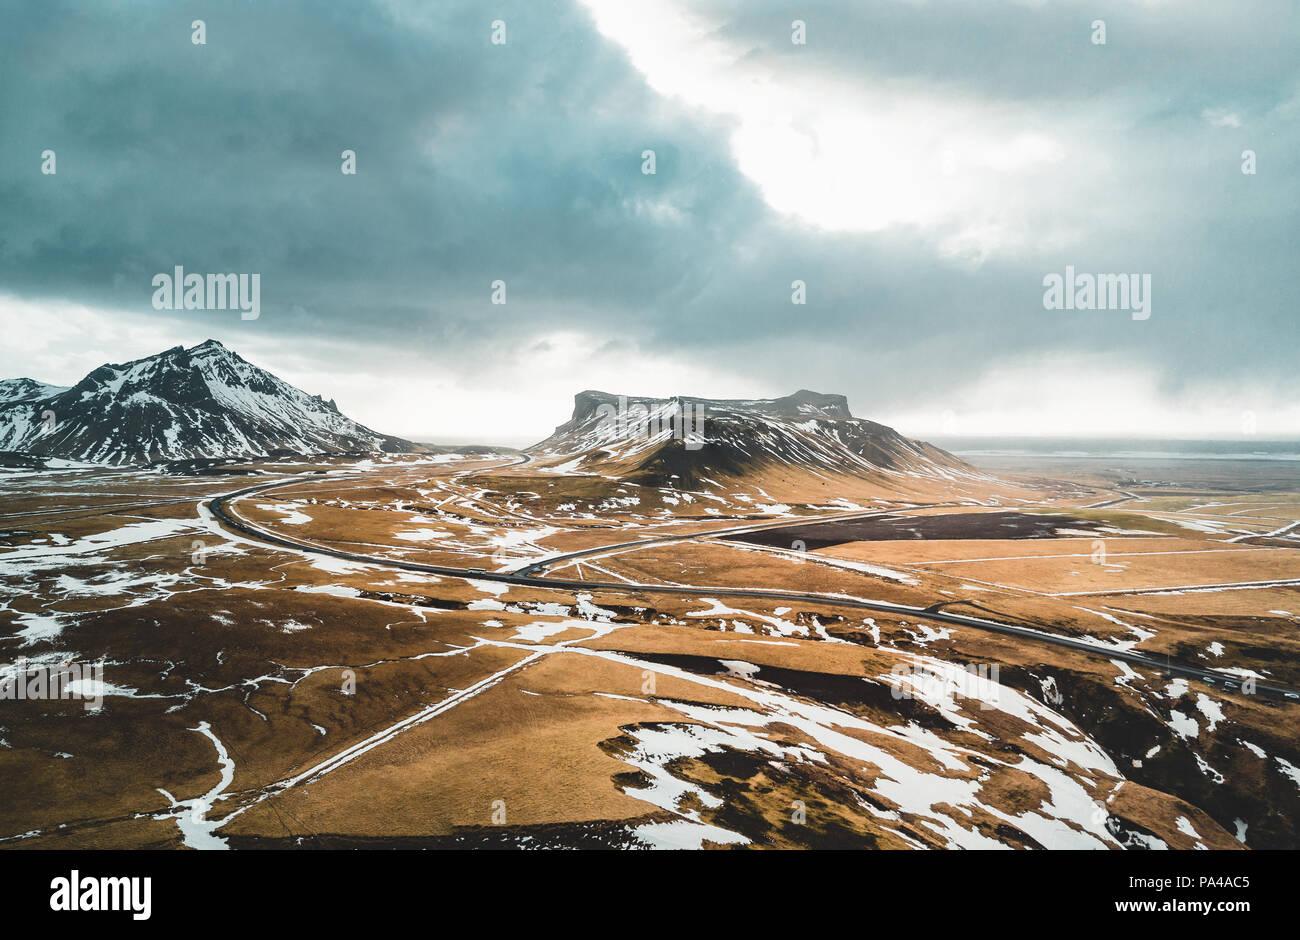 Islandia vista aérea del Paisaje con nieve y nubes, calle y amarillo y verde césped Imagen De Stock